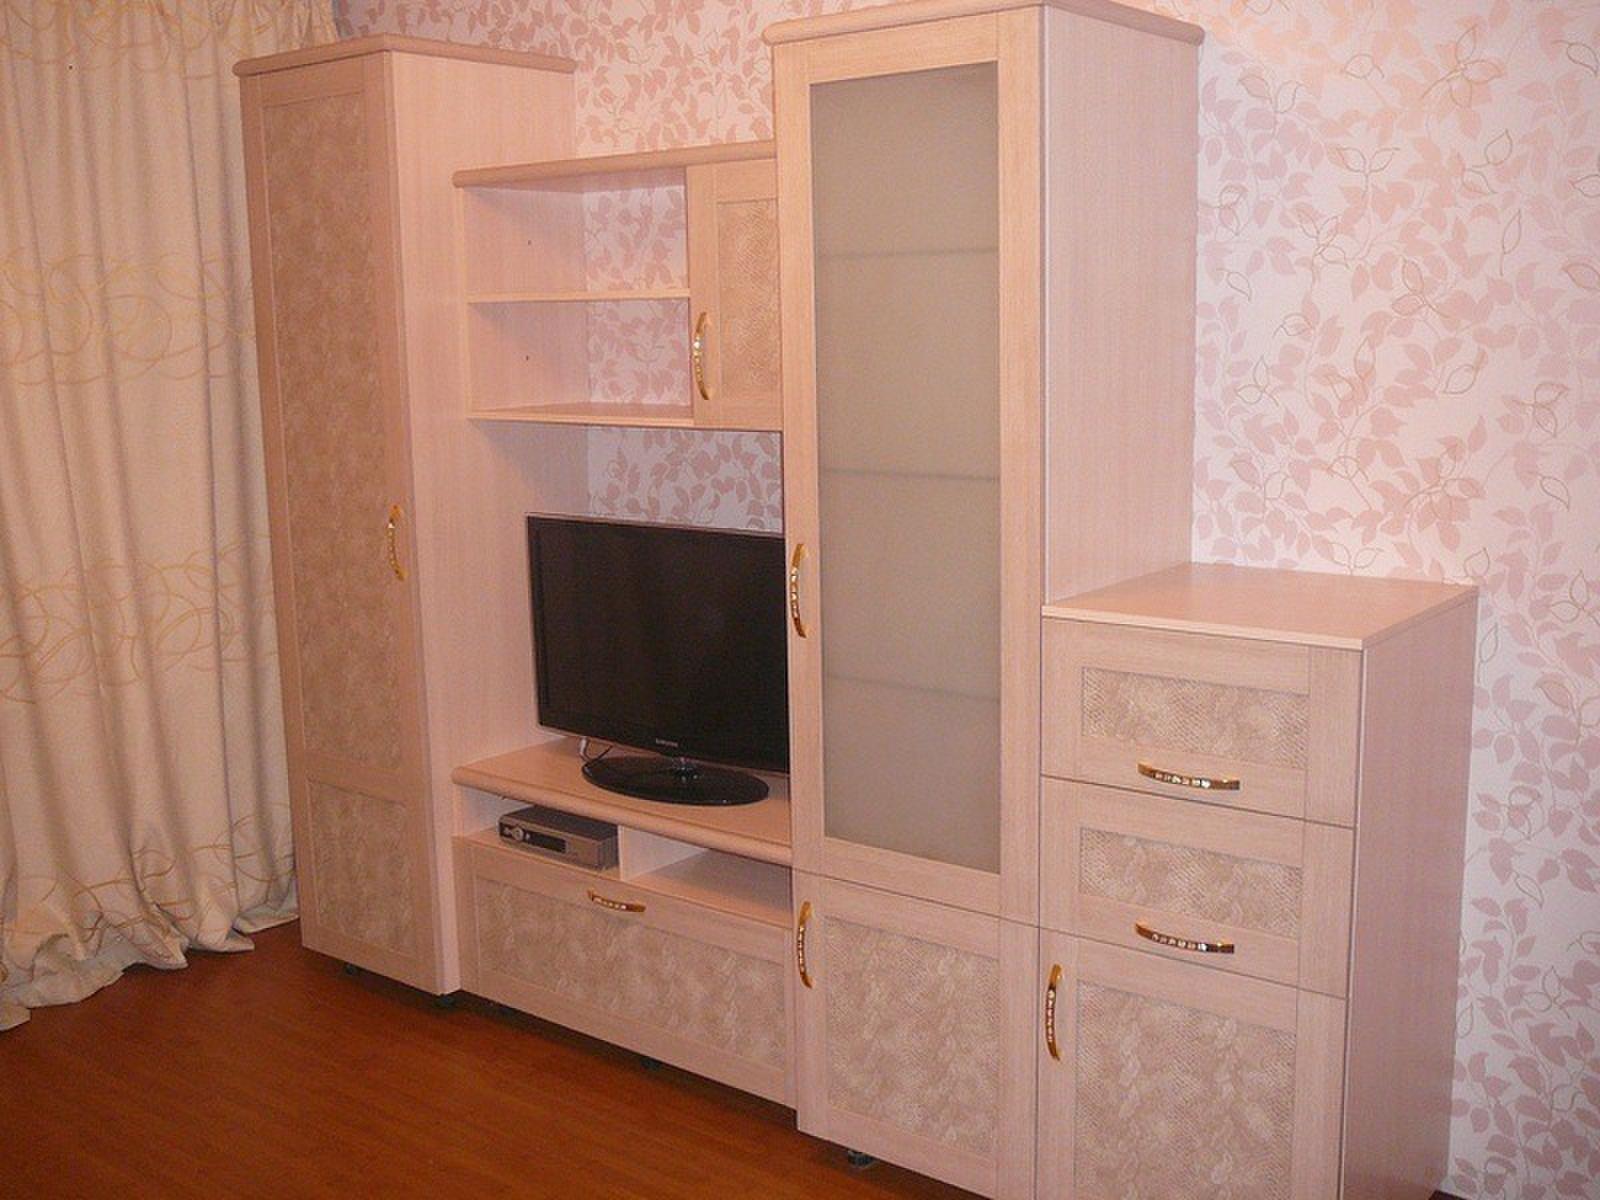 Изготовление корпусной мебели по каталогу: 4711246 - изготов.